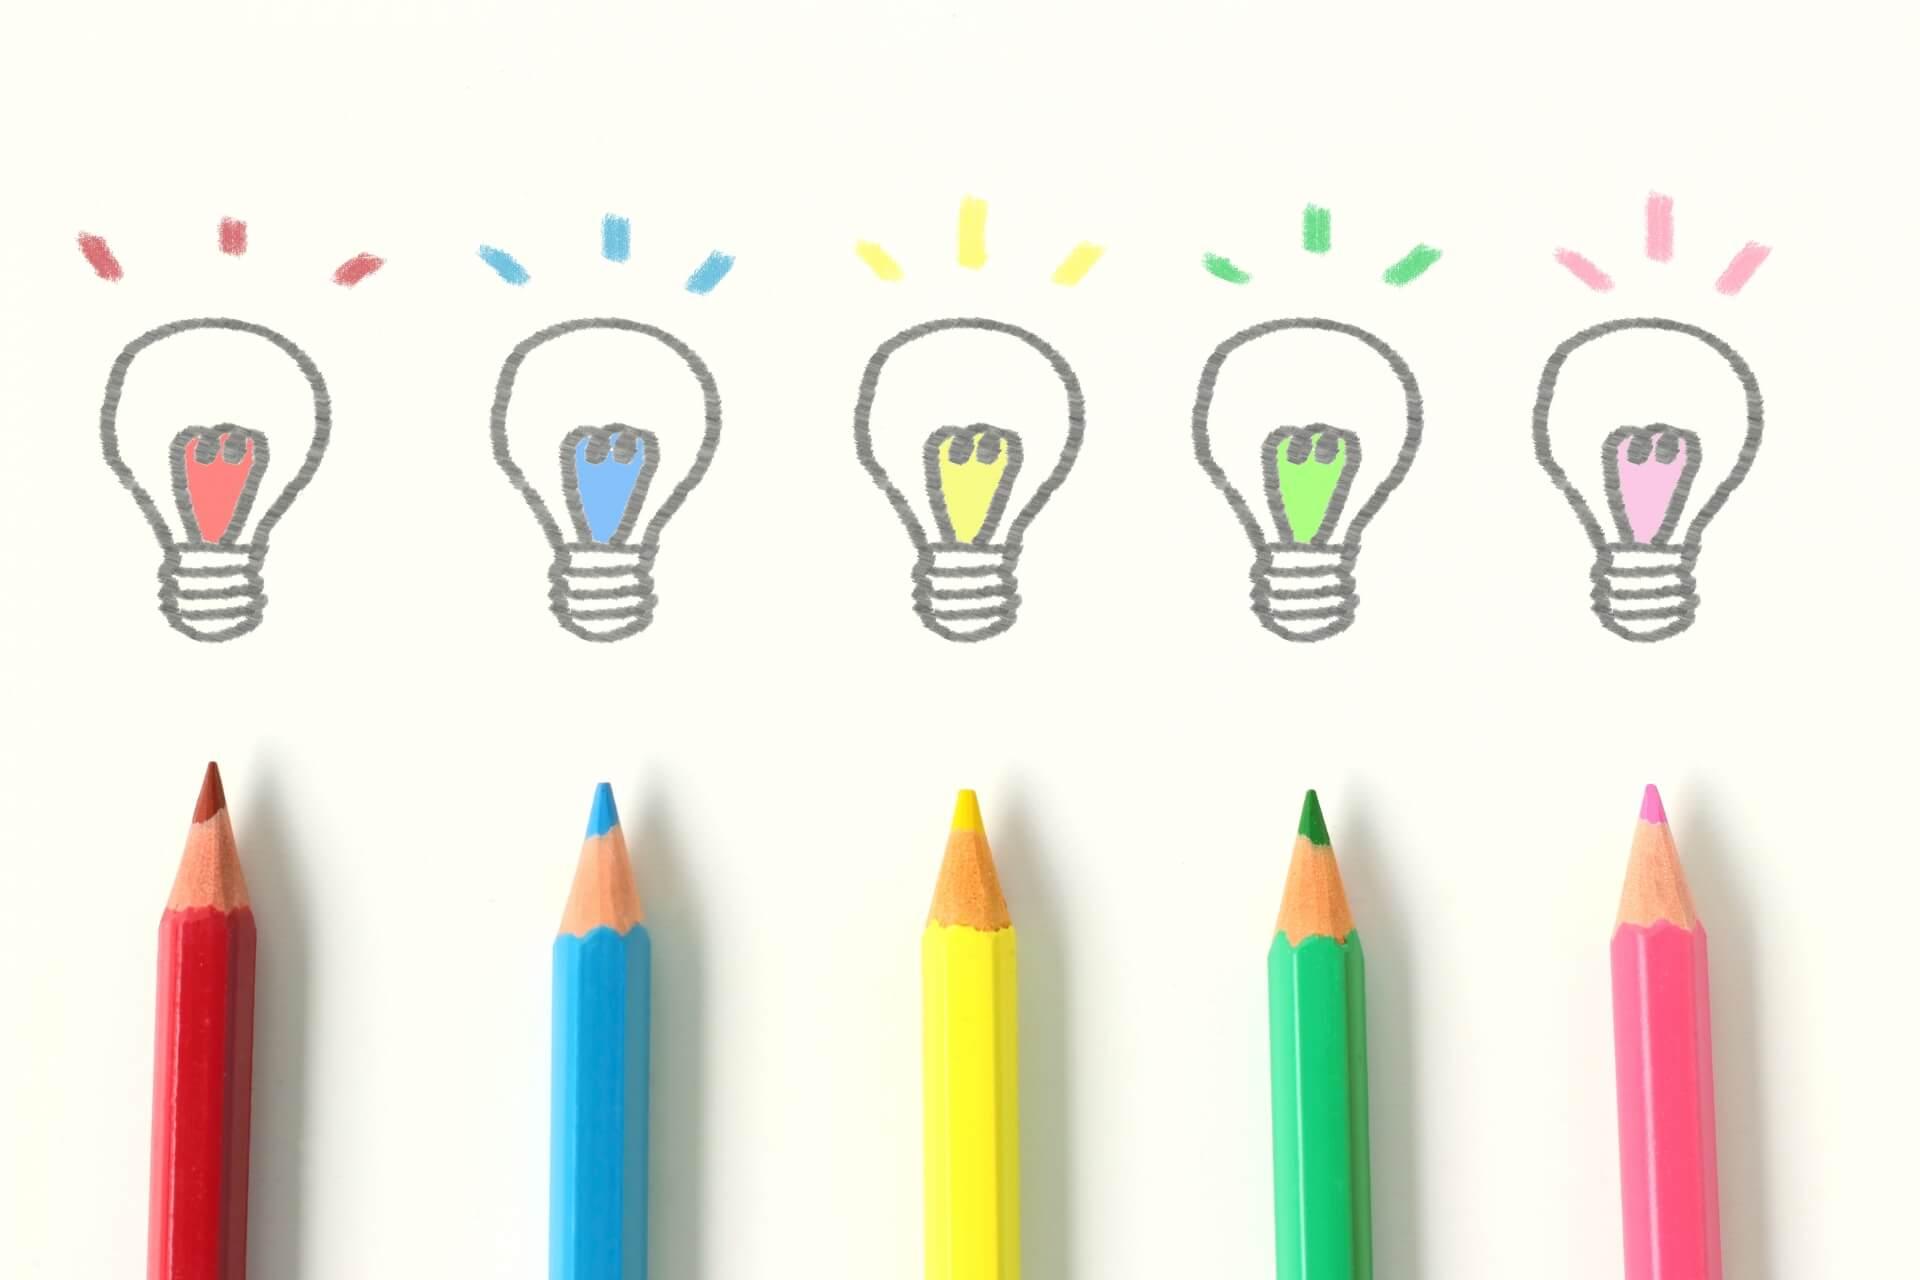 ベンチャー企業ならではの新発想